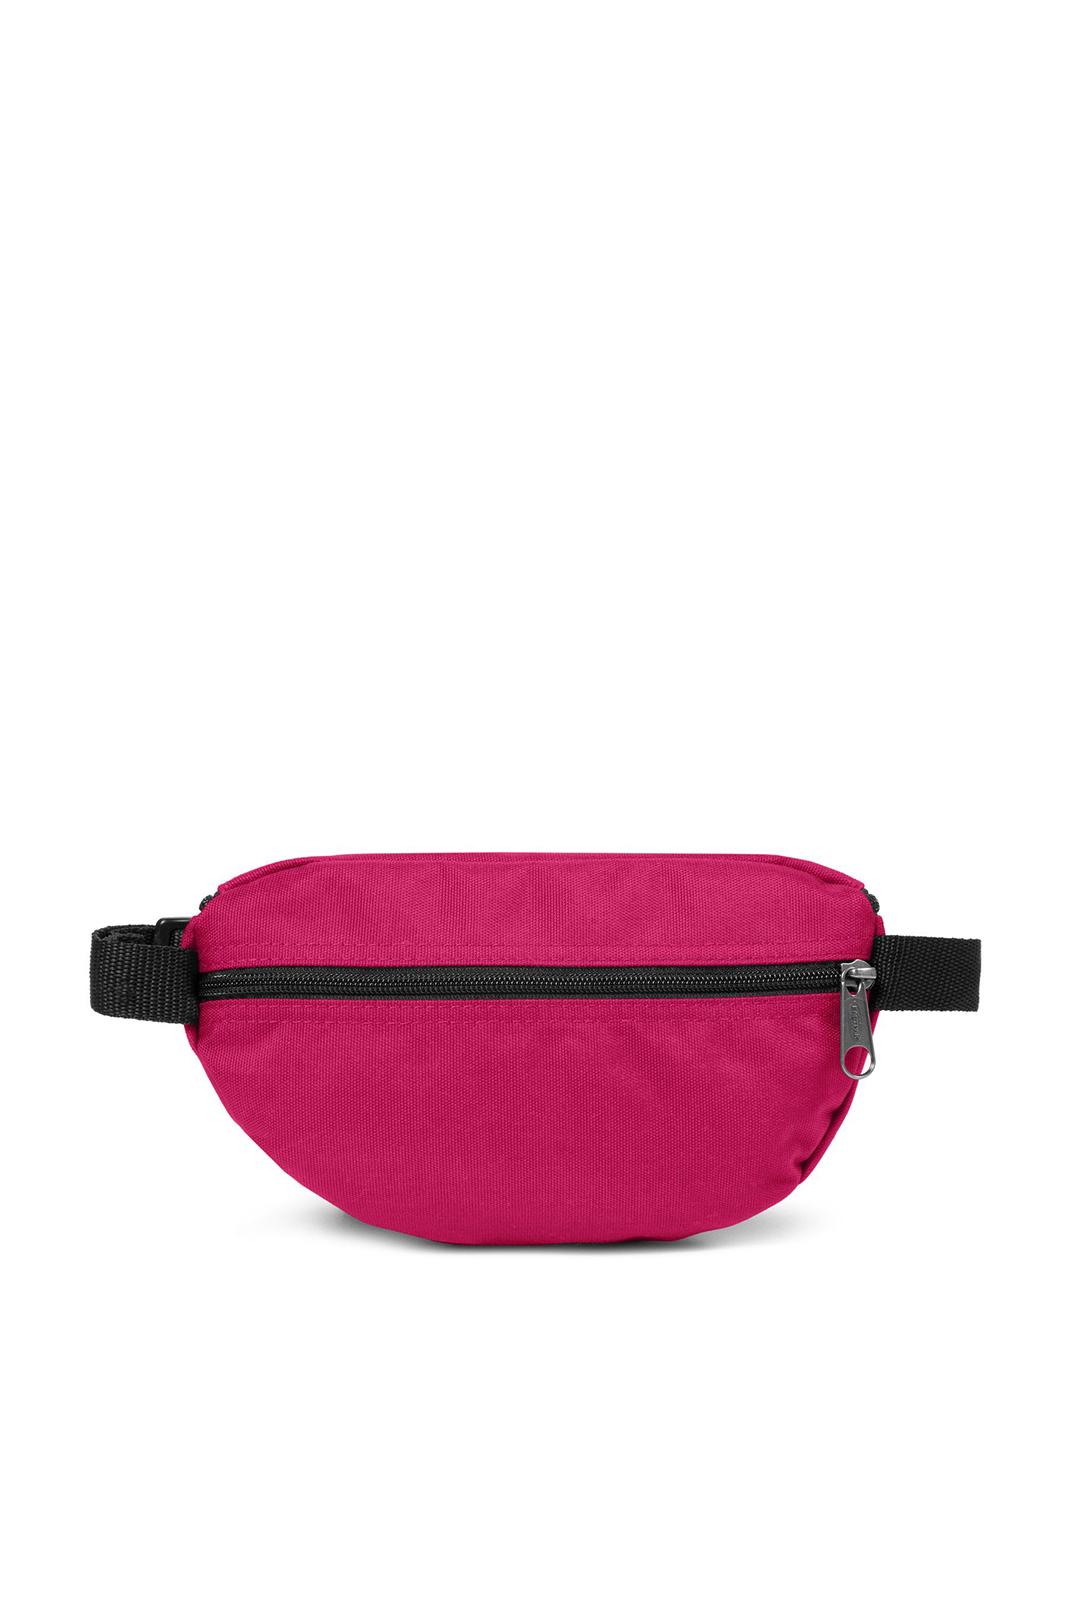 Sac porté épaule  Eastpak EK074B60 Ruby Pink